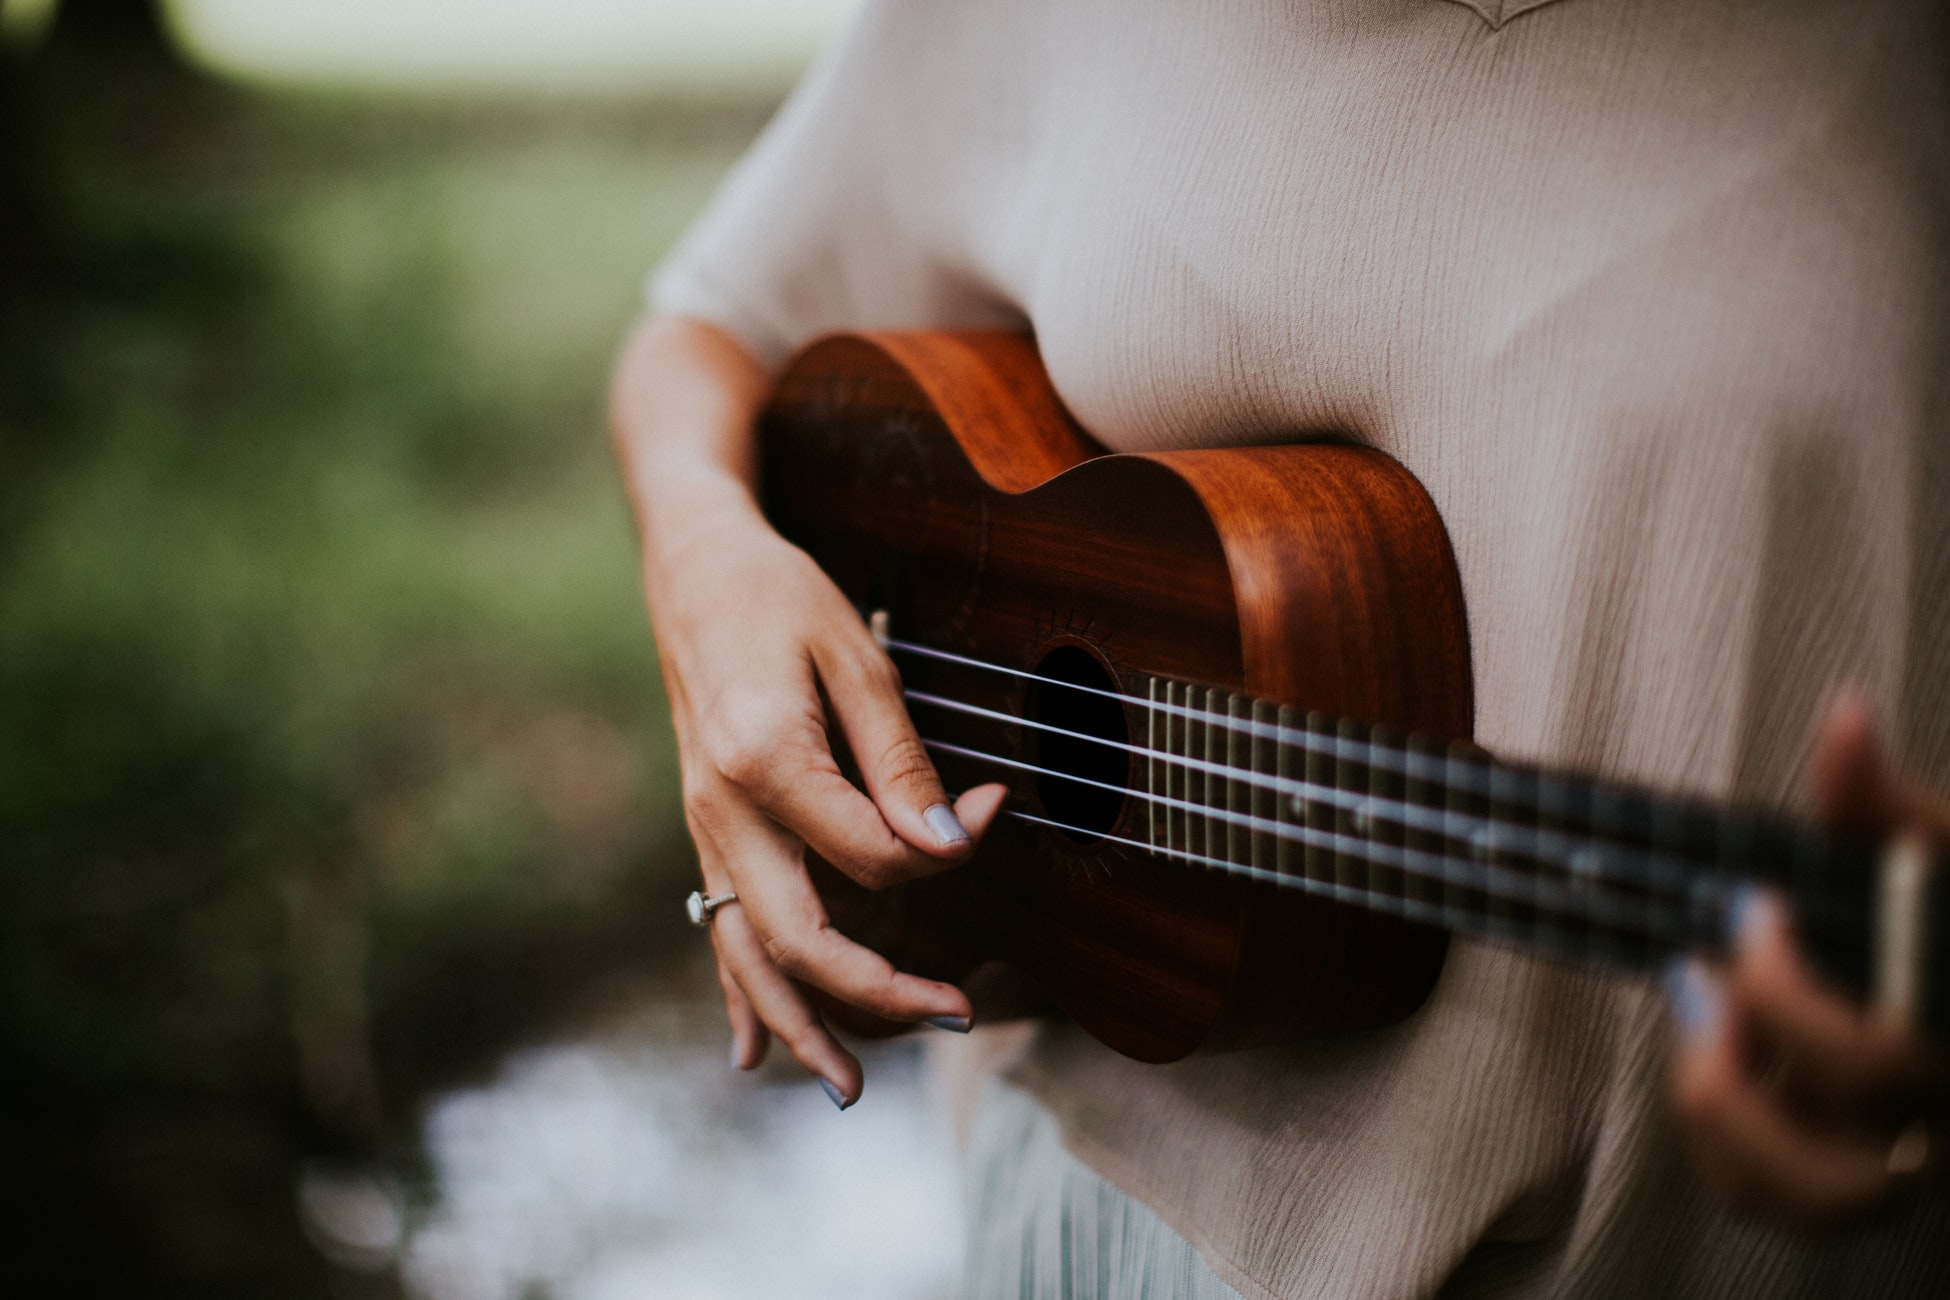 Ce am învățat de la cântărețele născute în luna iunie?